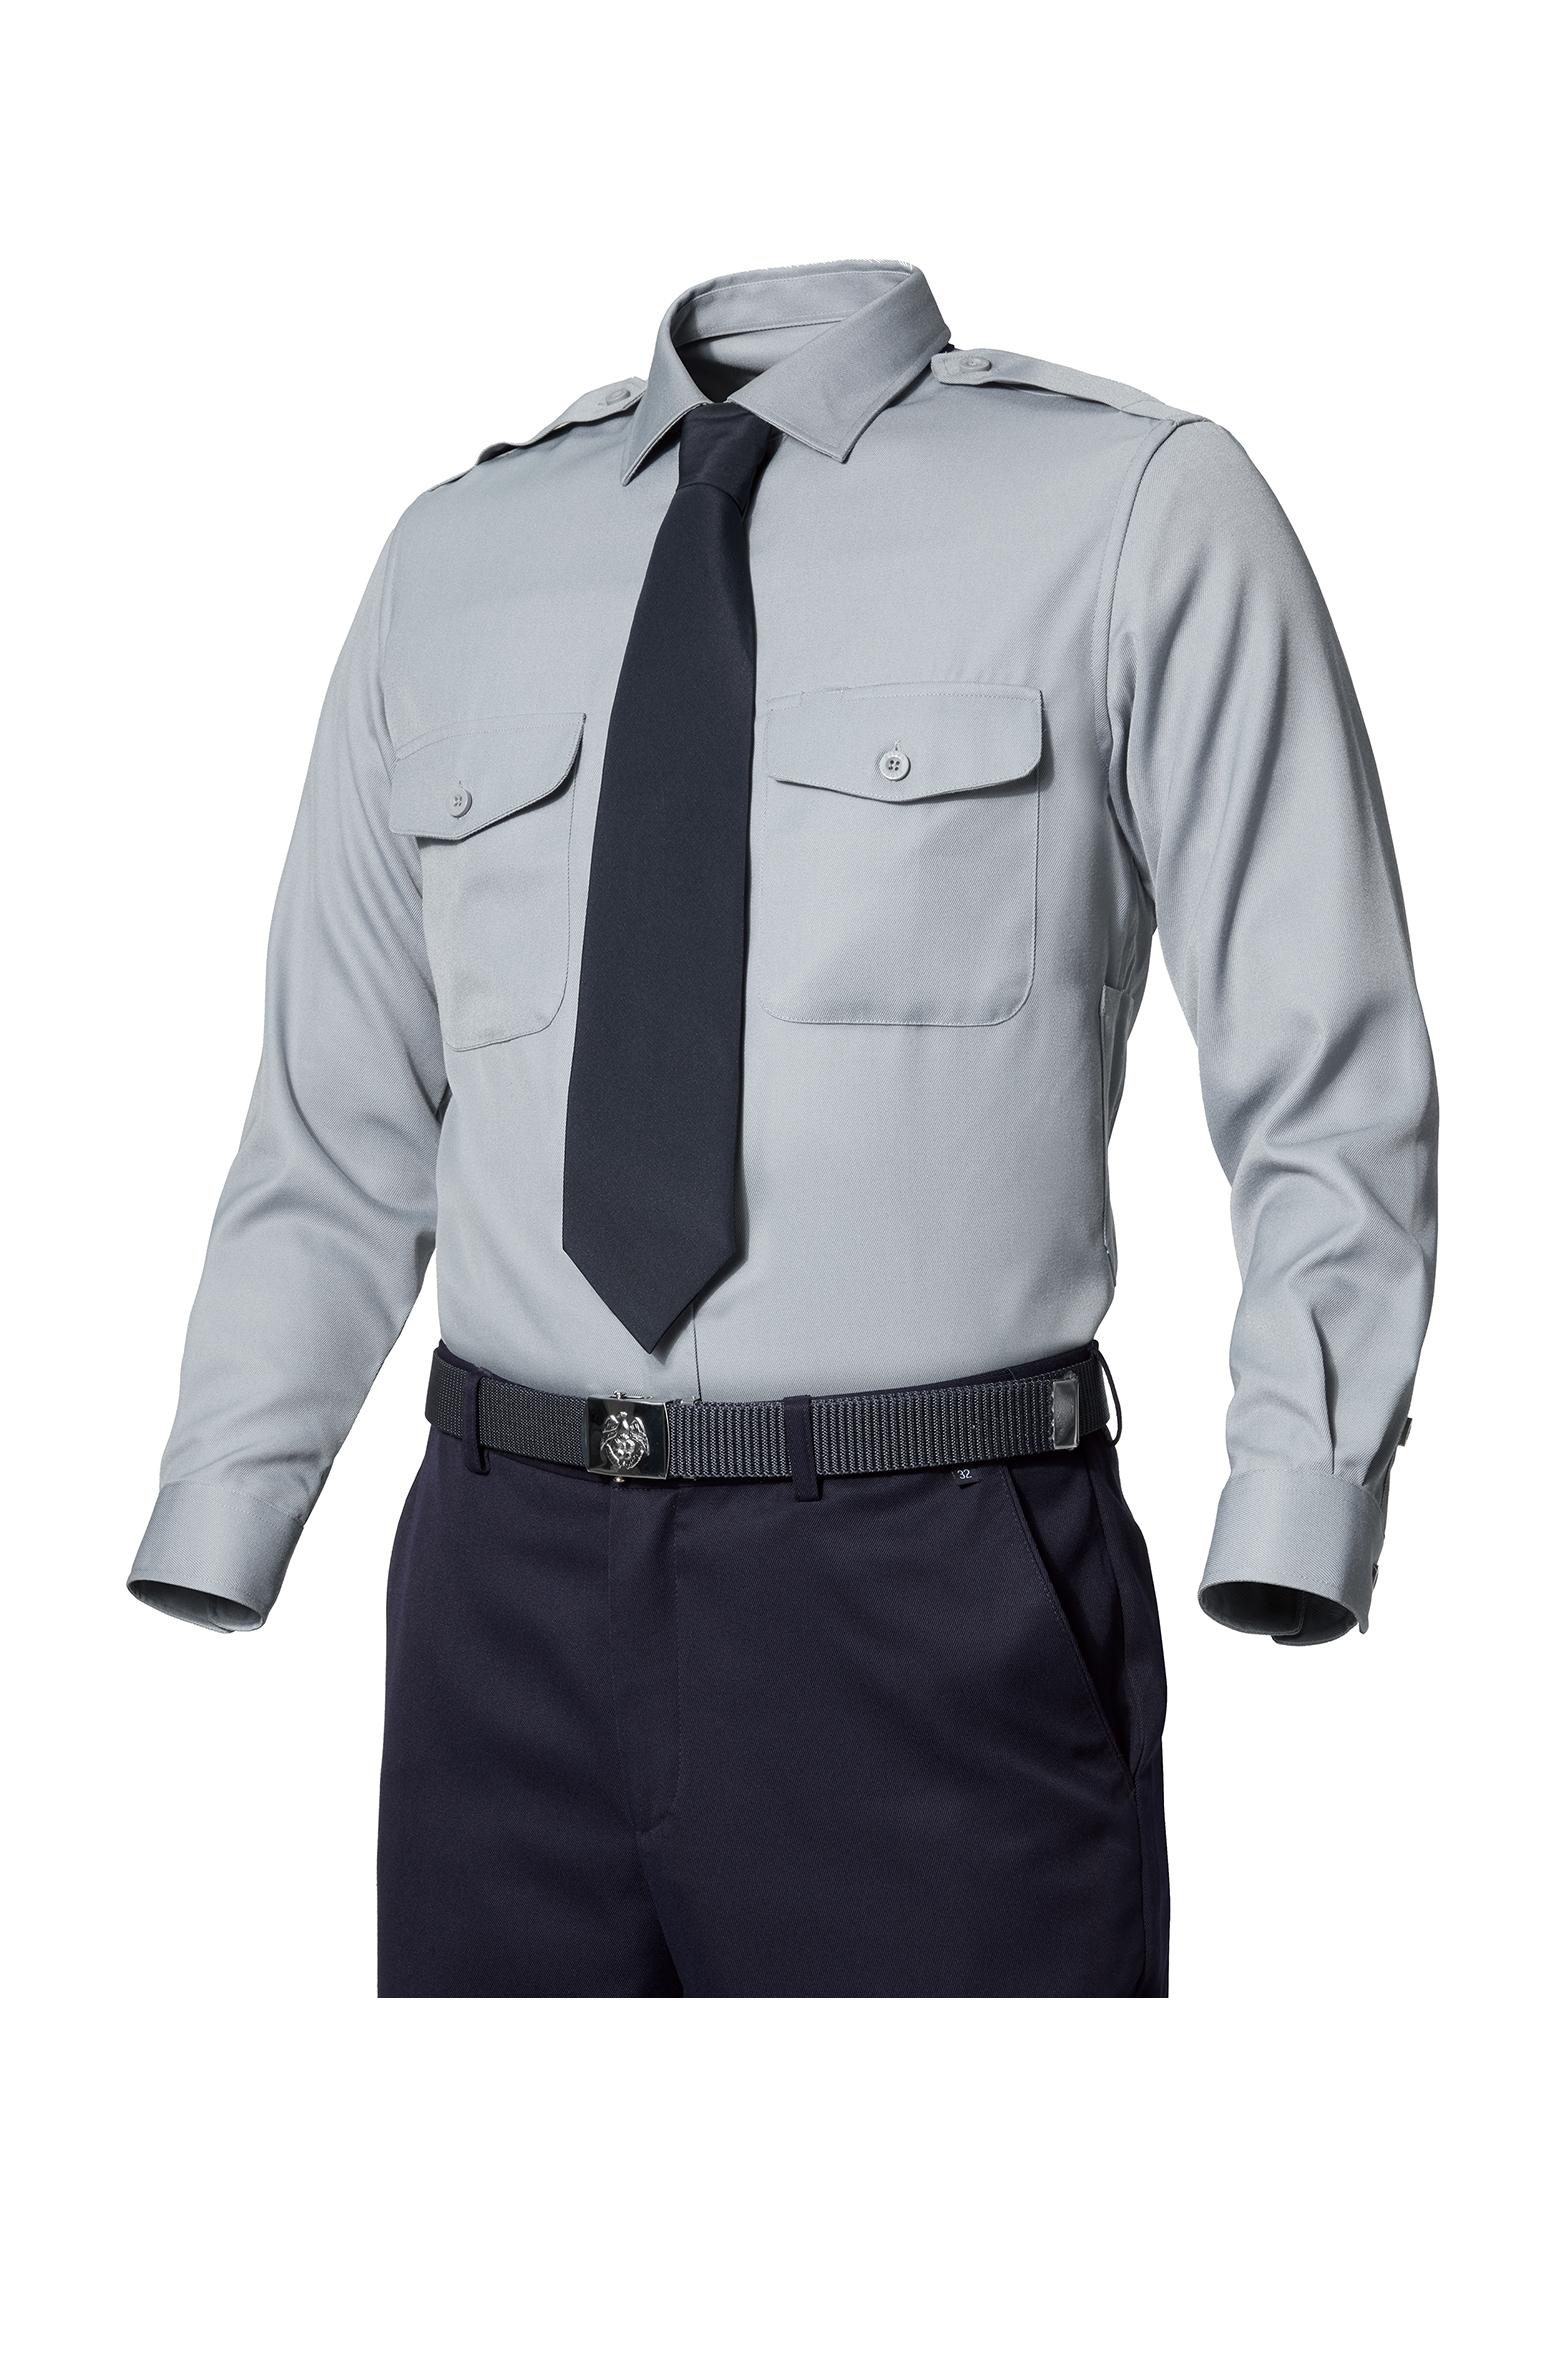 ZB-Y1044 (라이트 그레이)지벤 추동 경비복 셔츠